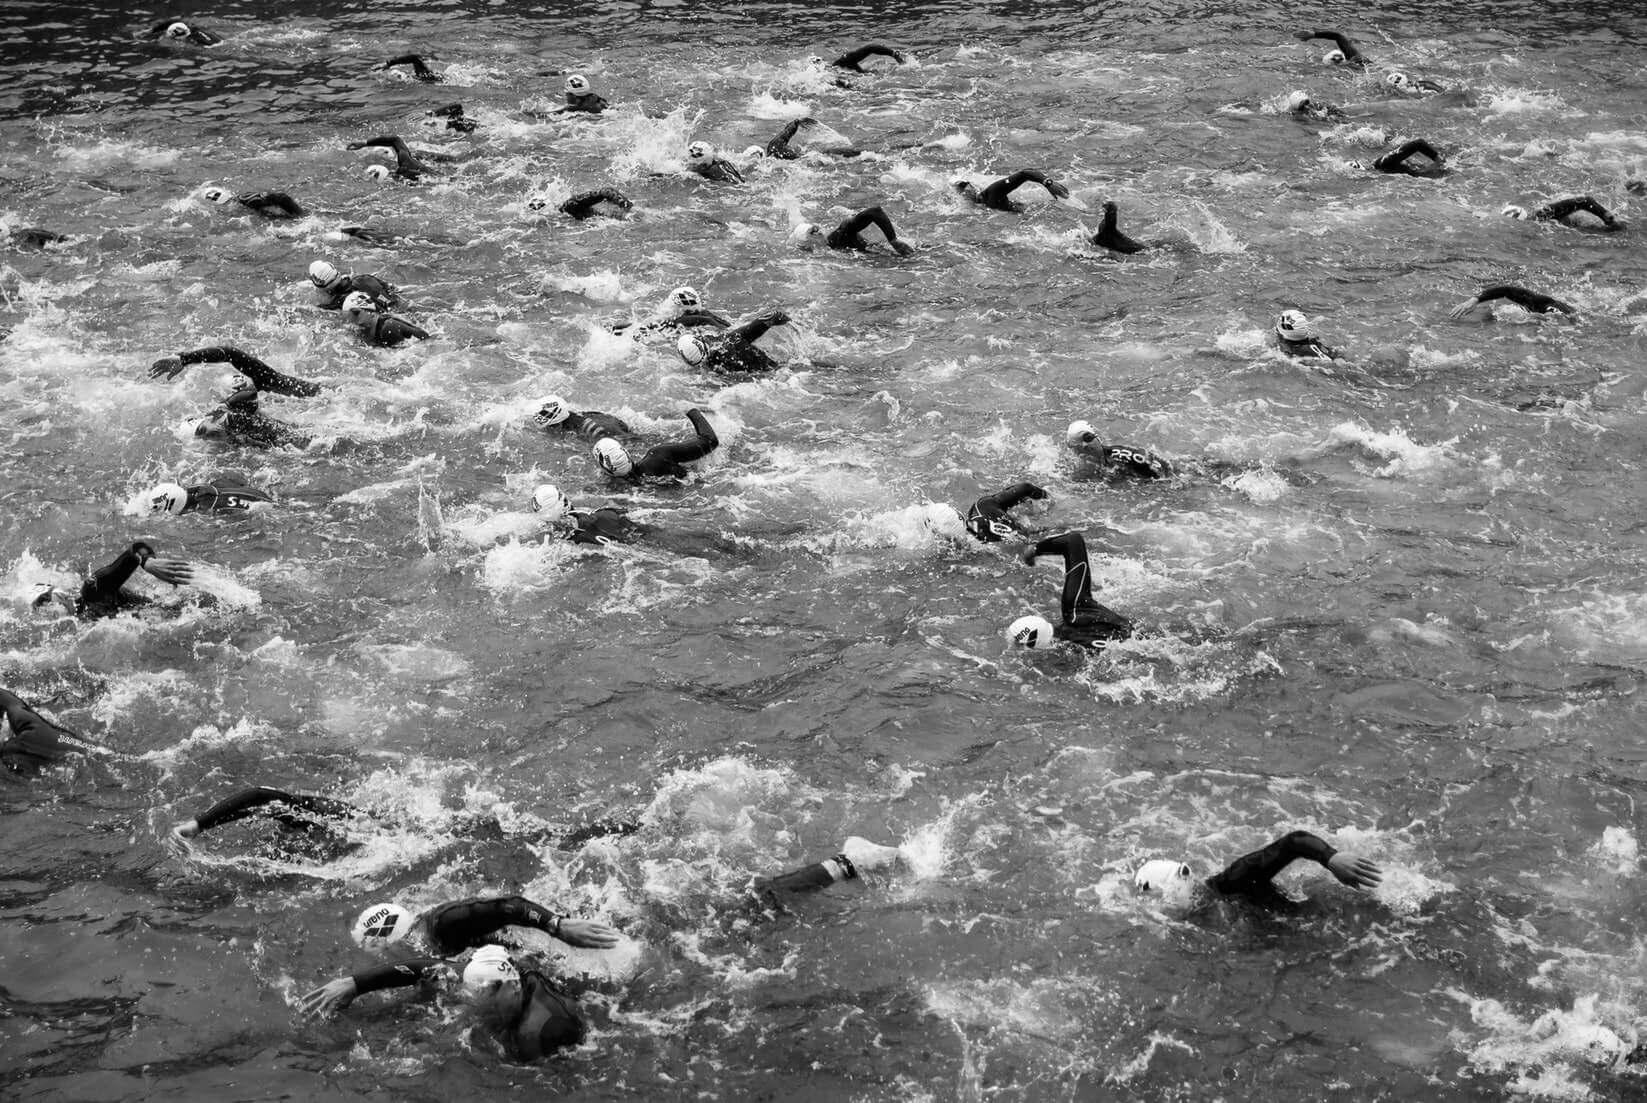 Что делать если перевернулся катамаран во время сплава